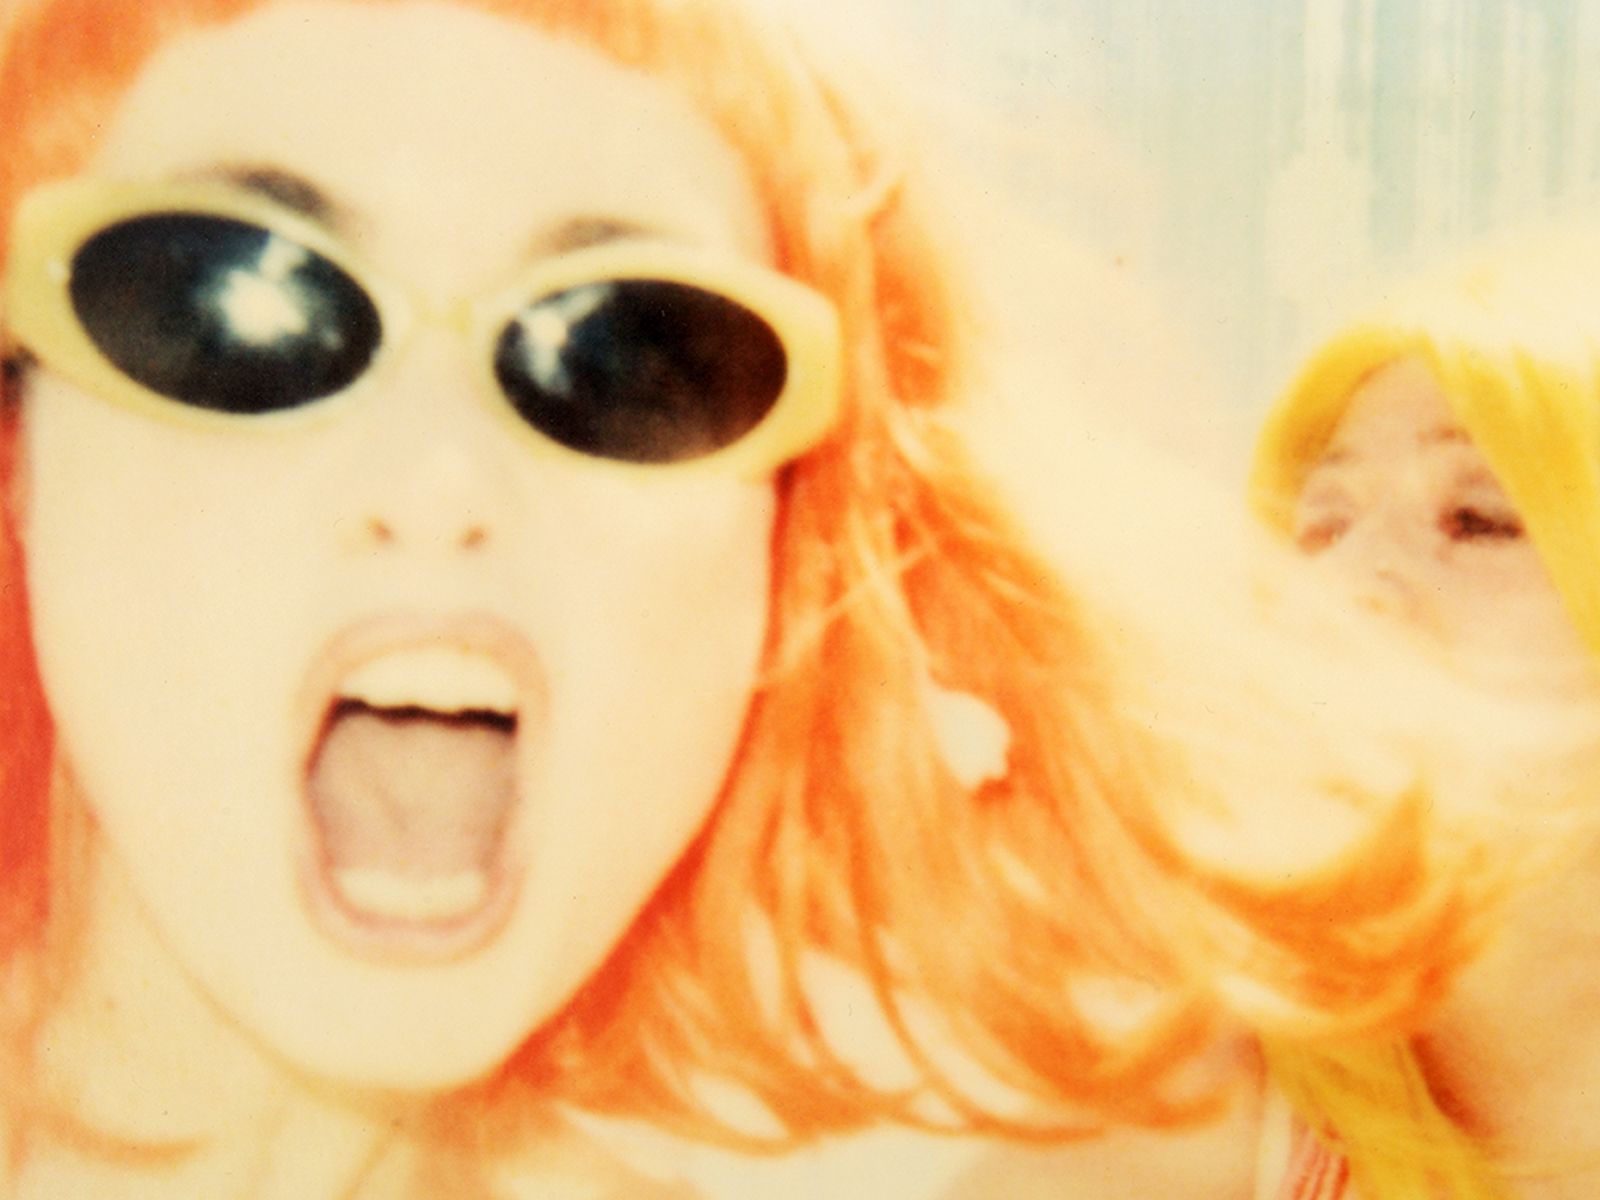 Stefanie Schneider (geb. 1968), Ohne Titel, Lambda Color-Print, 1999 - Image 3 of 8